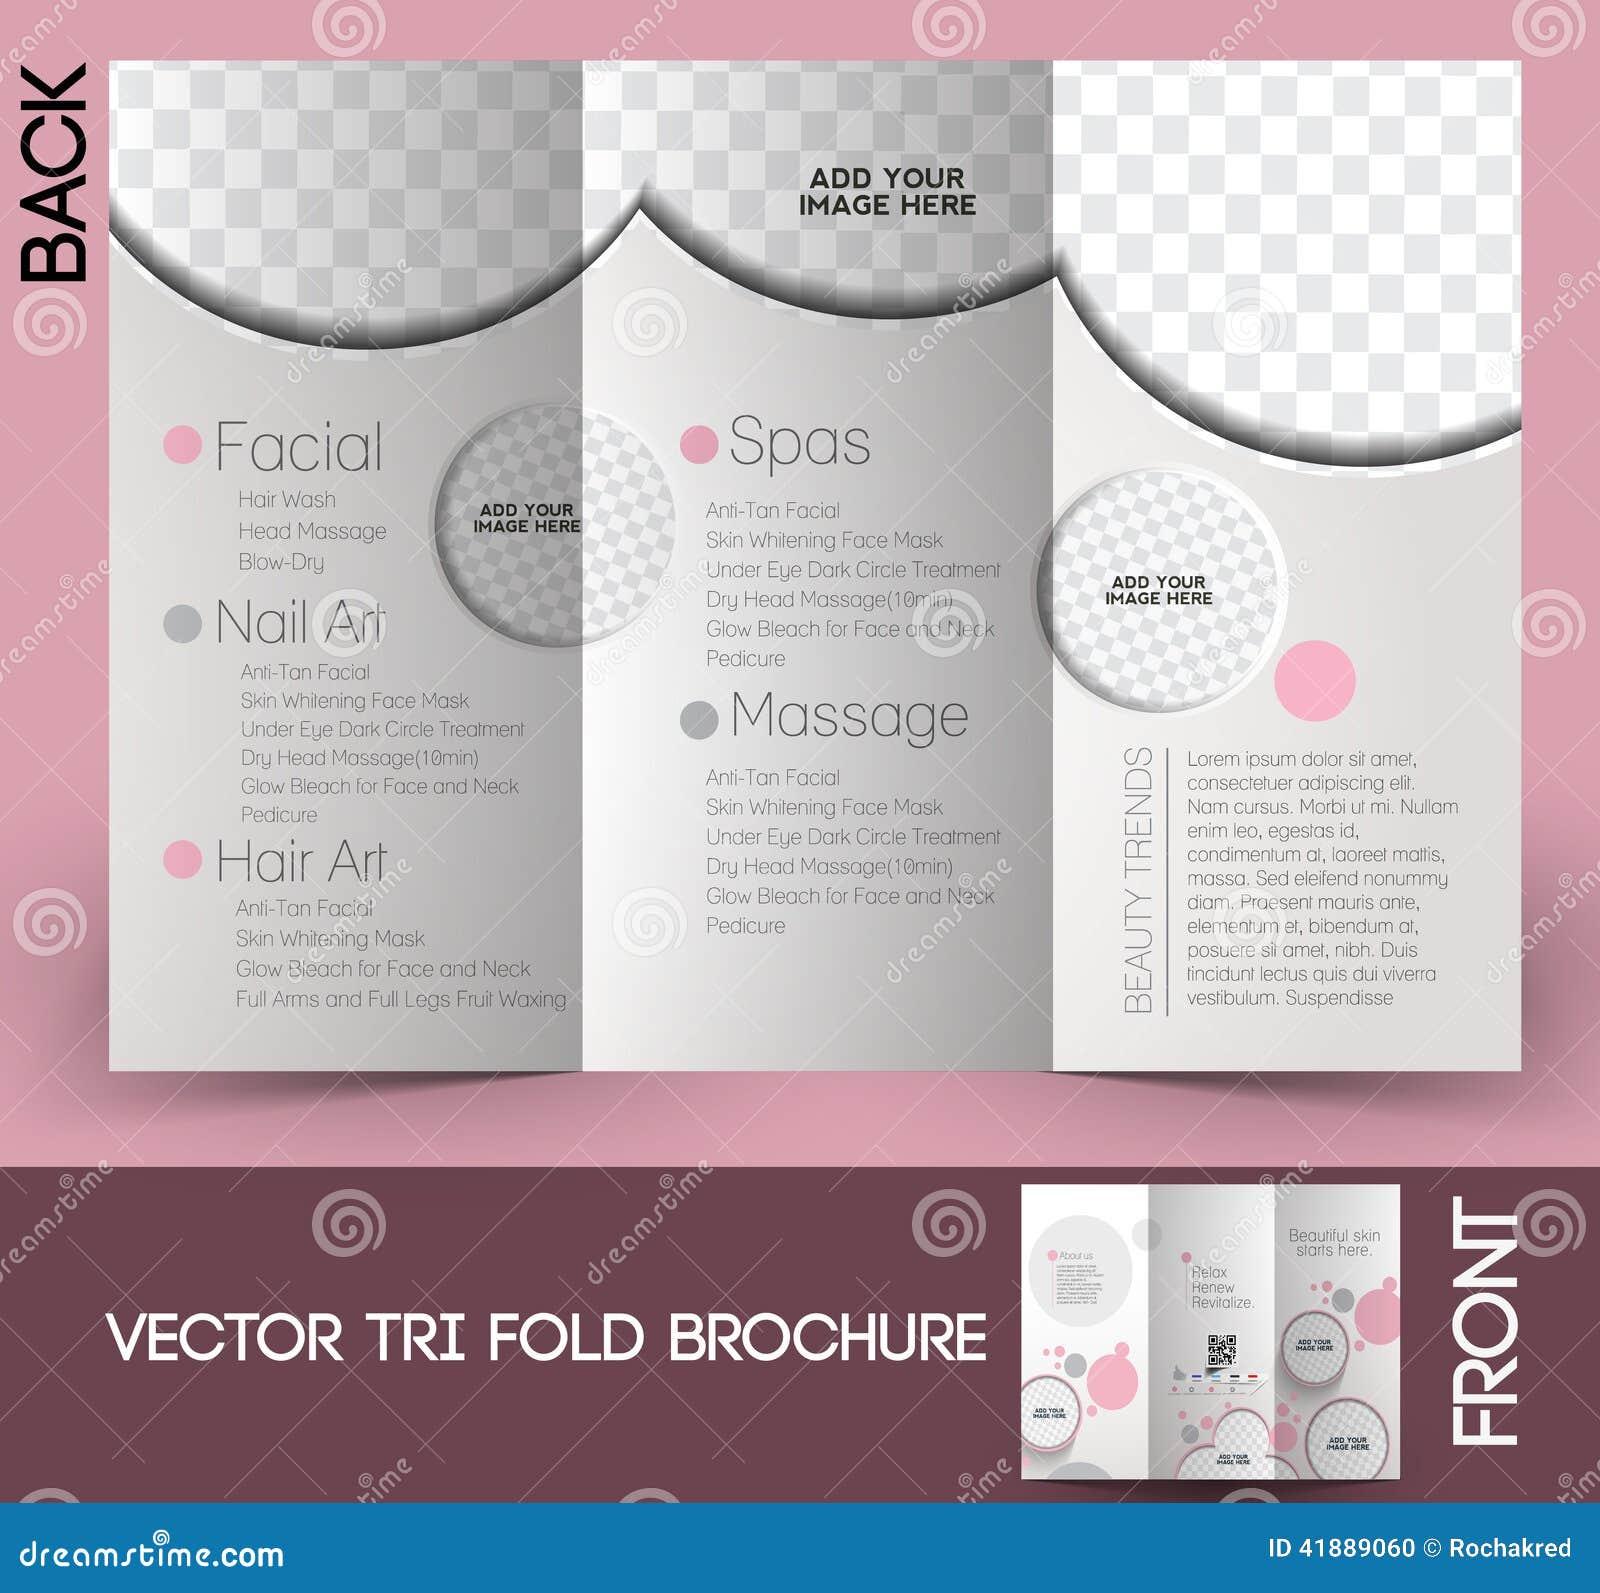 Beauty Care Salon Brochure Vector Image 41889060 – Salon Brochure